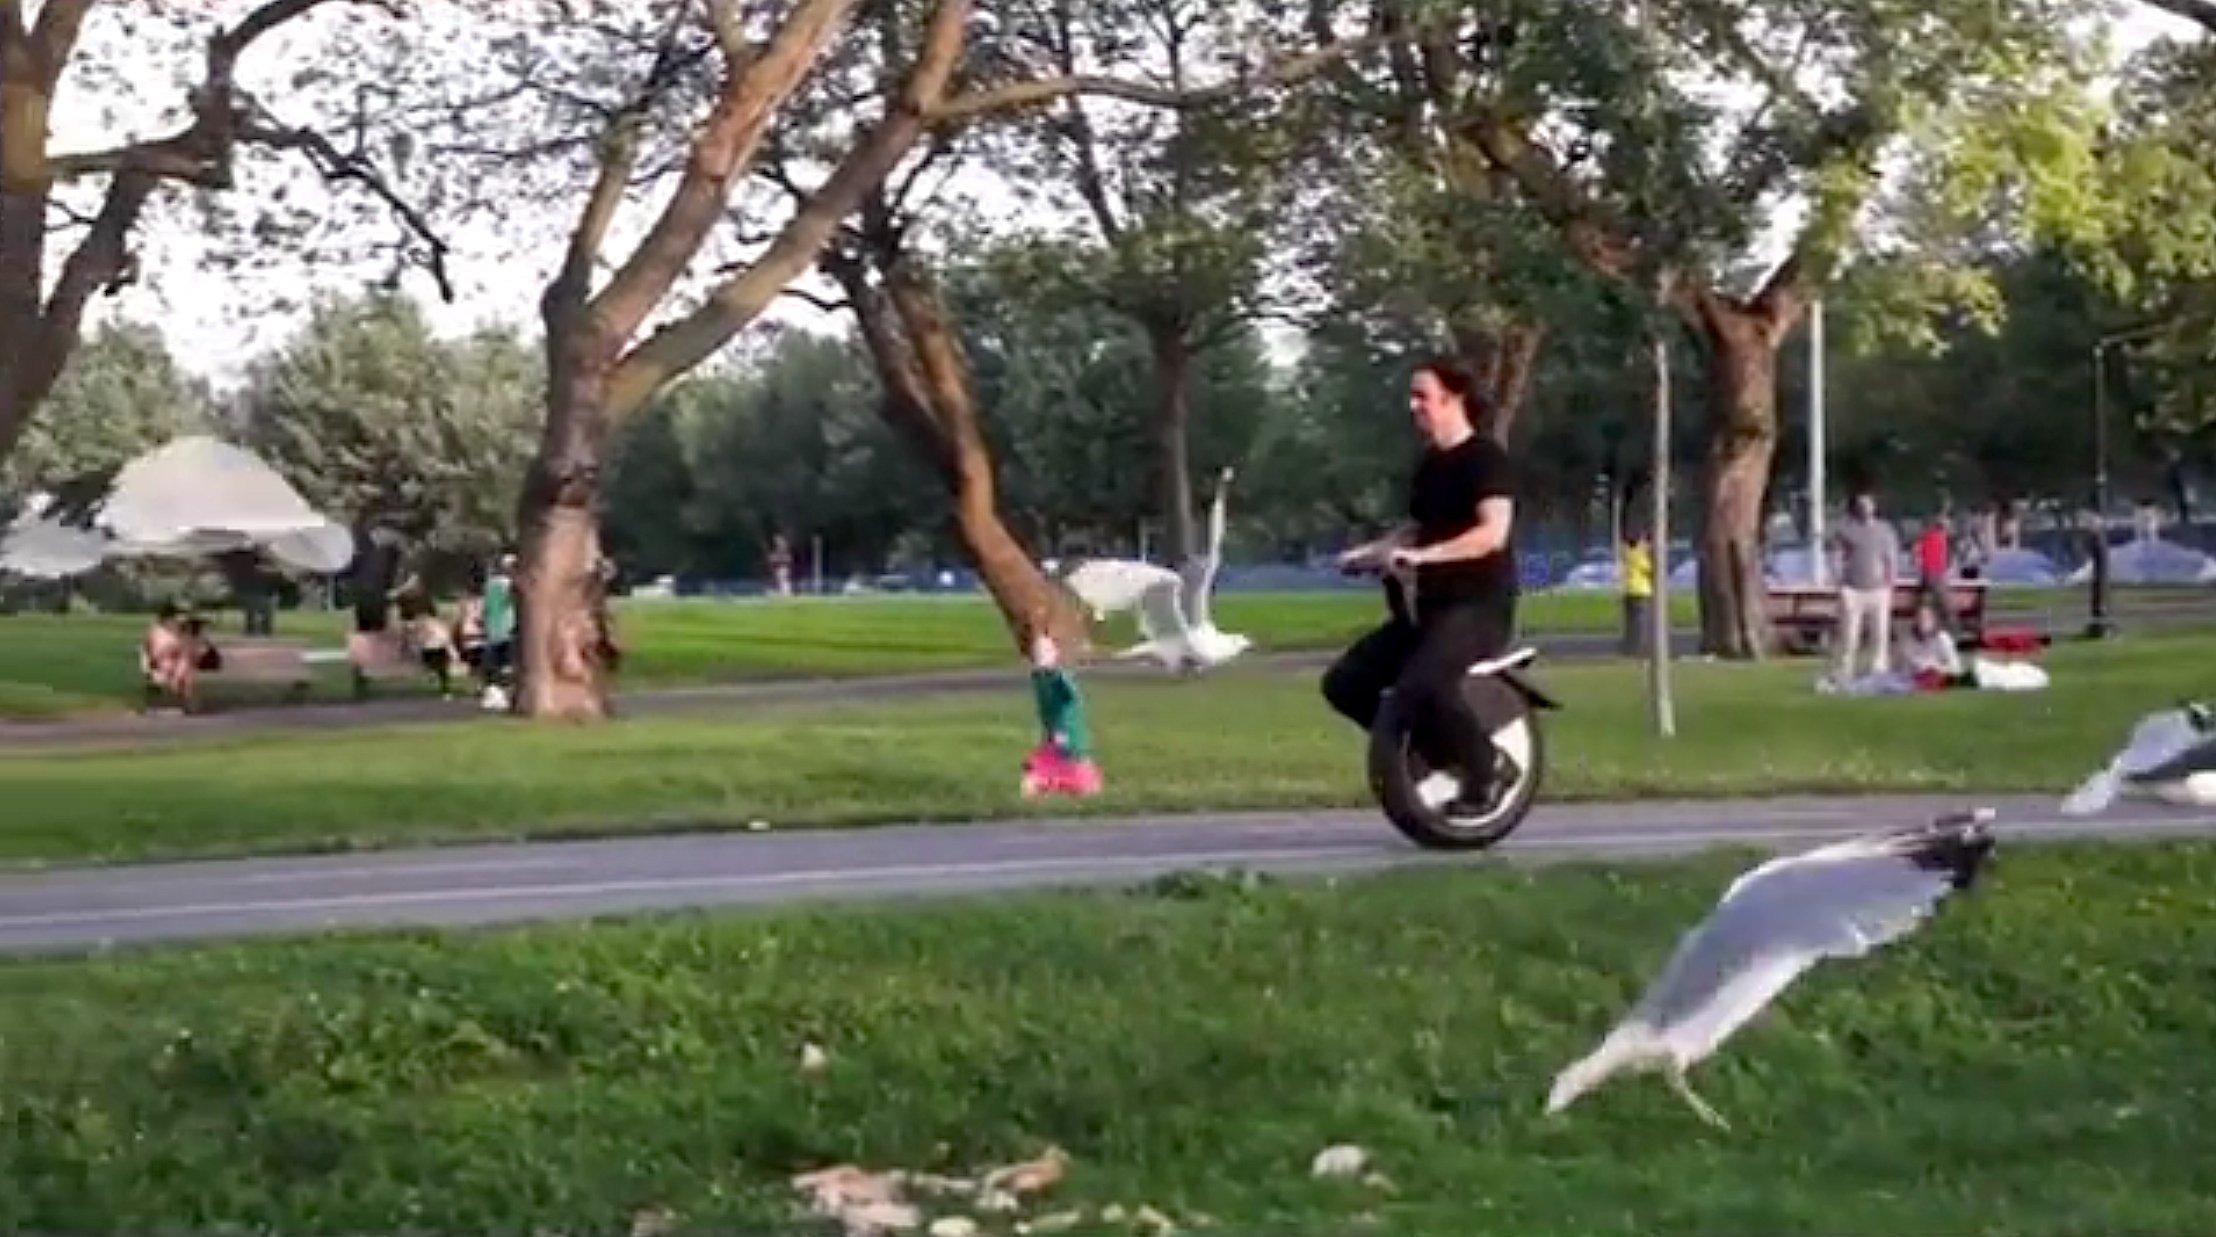 Da geraten auch die Möwen in Bewegung: Ein Moto Pogo auf dem Weg durch einen Park.